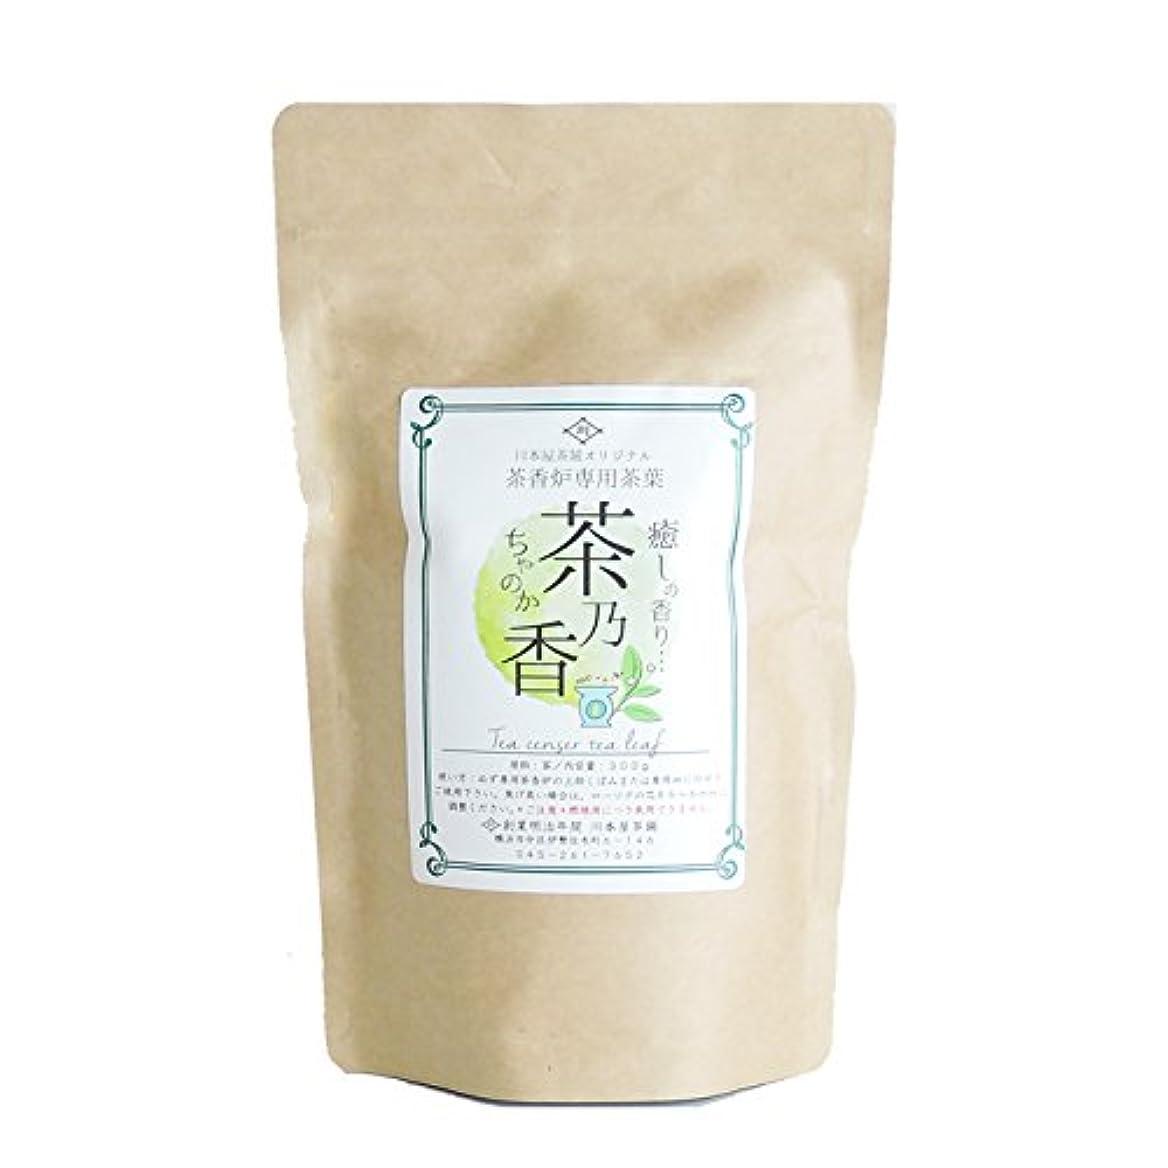 疑問に思うあいまいさ虚弱国産 茶香炉専用 茶葉 「茶乃香」300g 川本屋茶舗